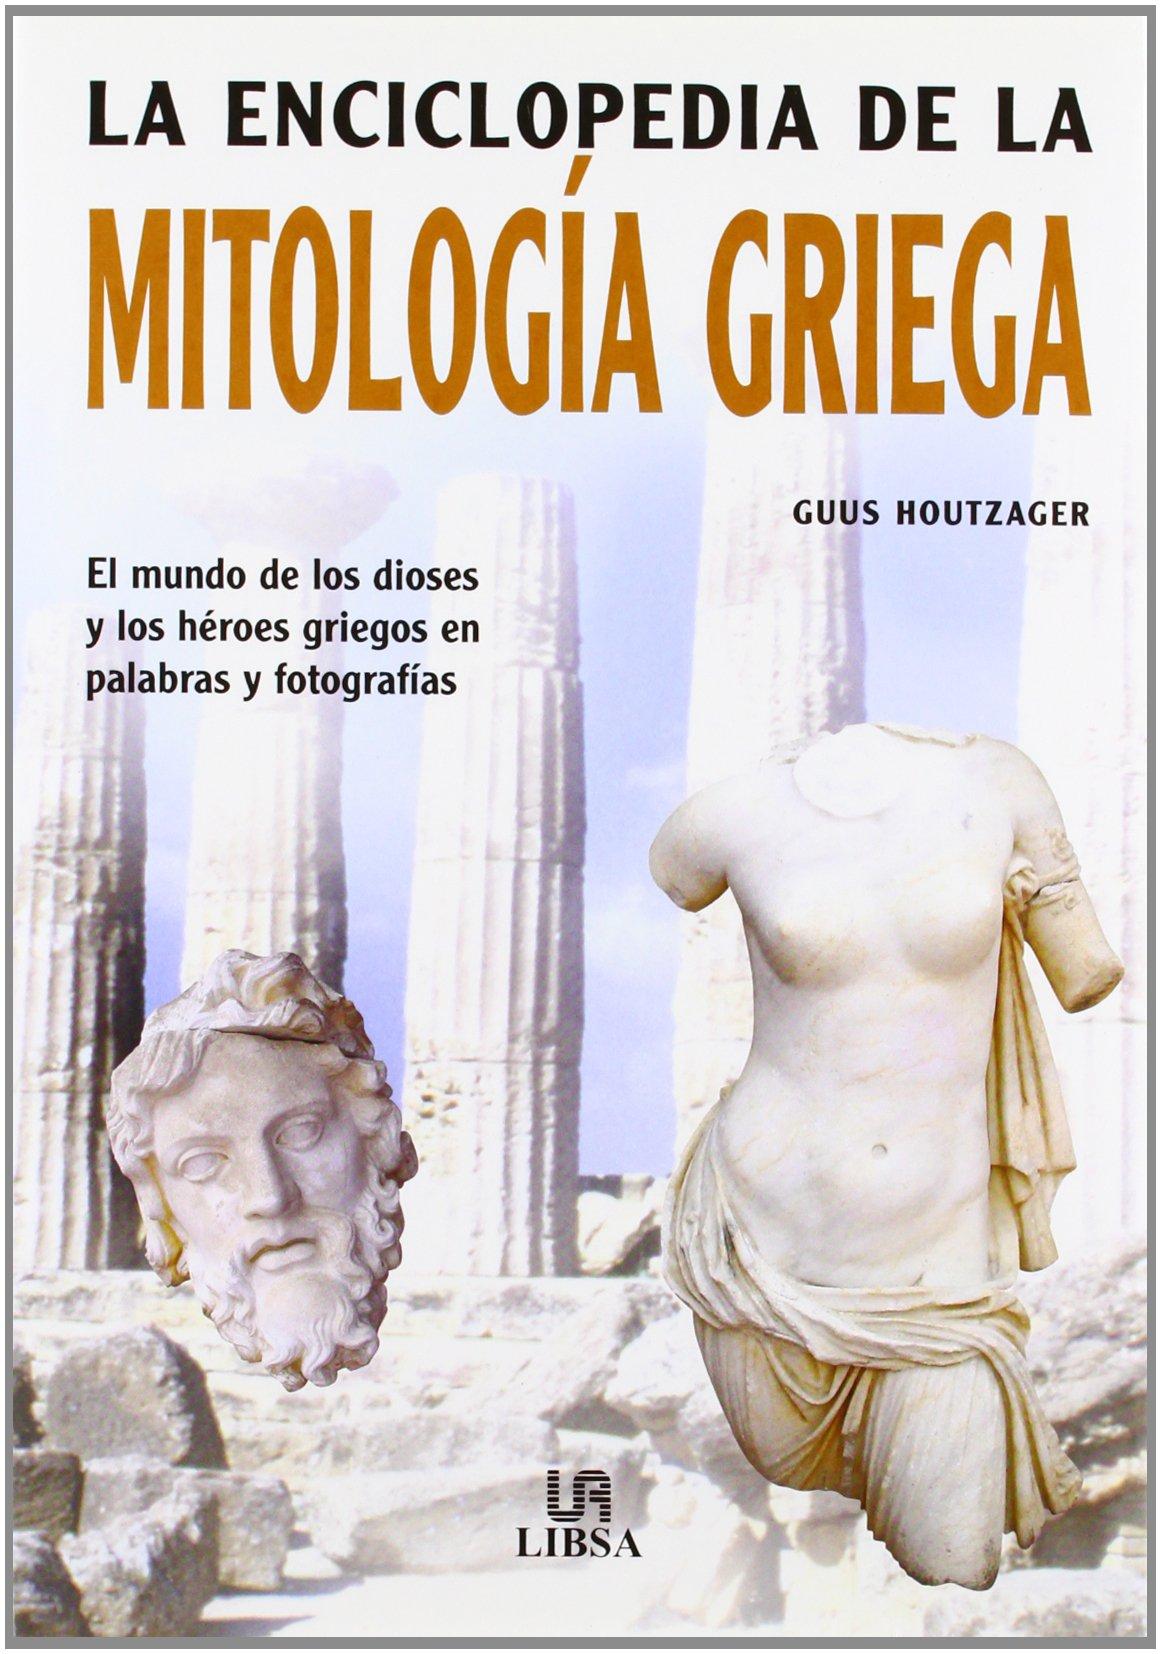 ... de la Mitología Griega: El Mundo de los Dioses y los Héroes Griegos en Palabras y Fotografías Pequeñas Enciclopedias: Amazon.es: Guus Houtzager: Libros